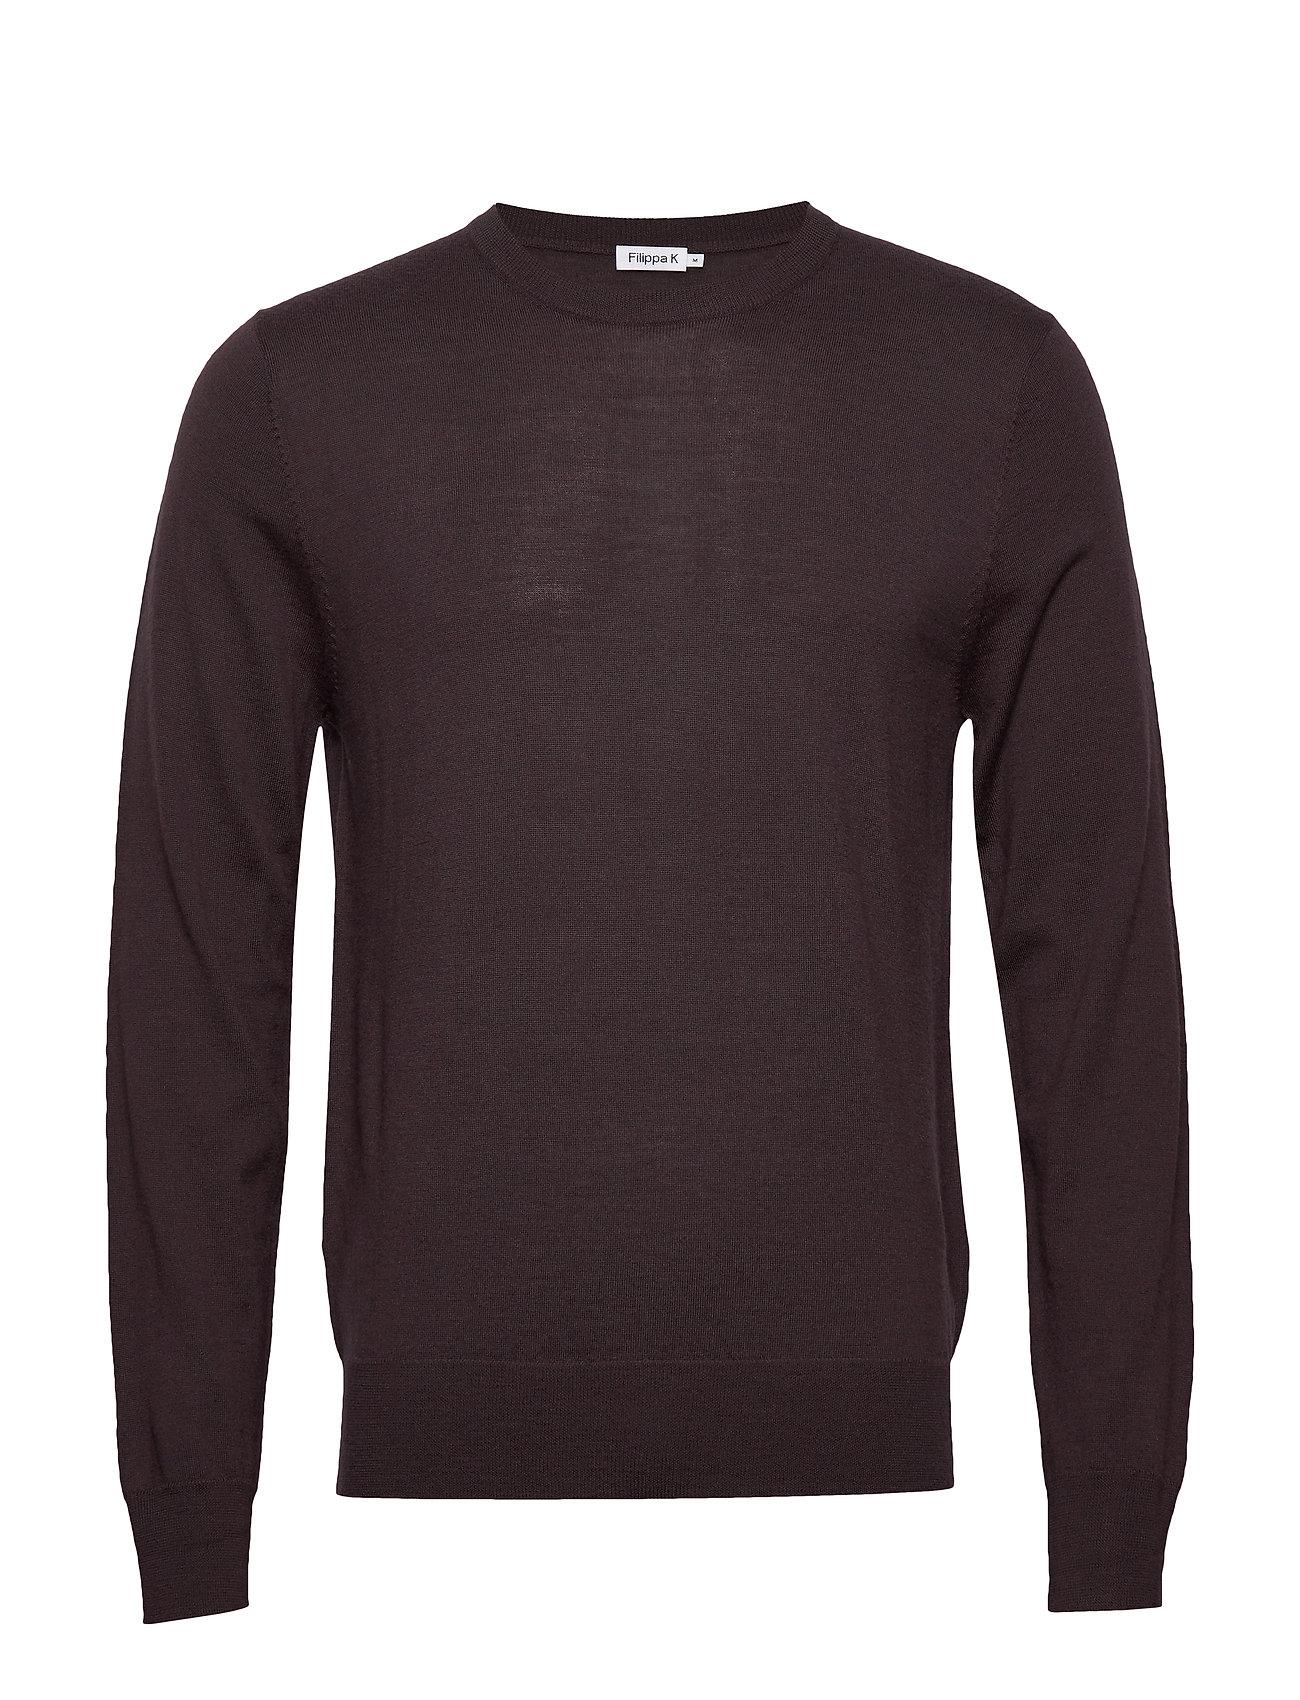 Filippa K M. Merino Sweater - DARK PLUM